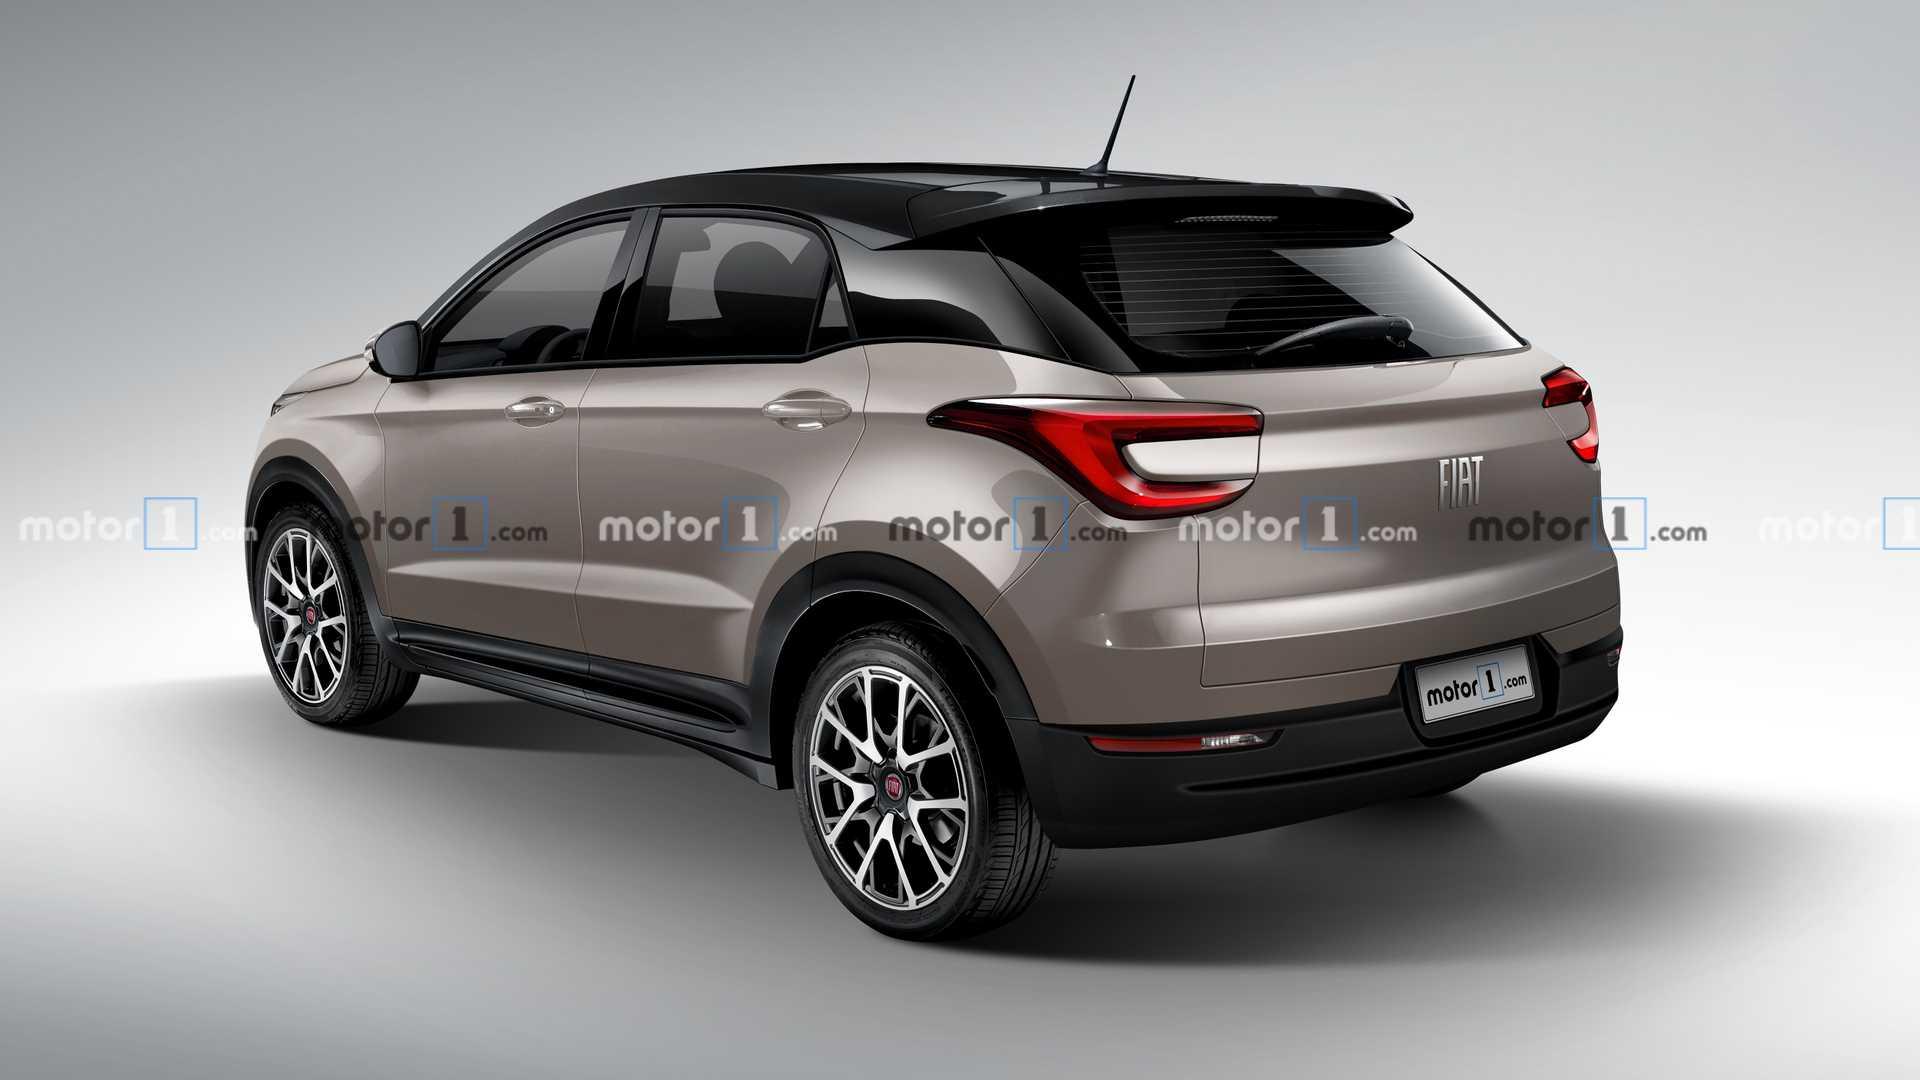 Nuevo SUV chico Fiat